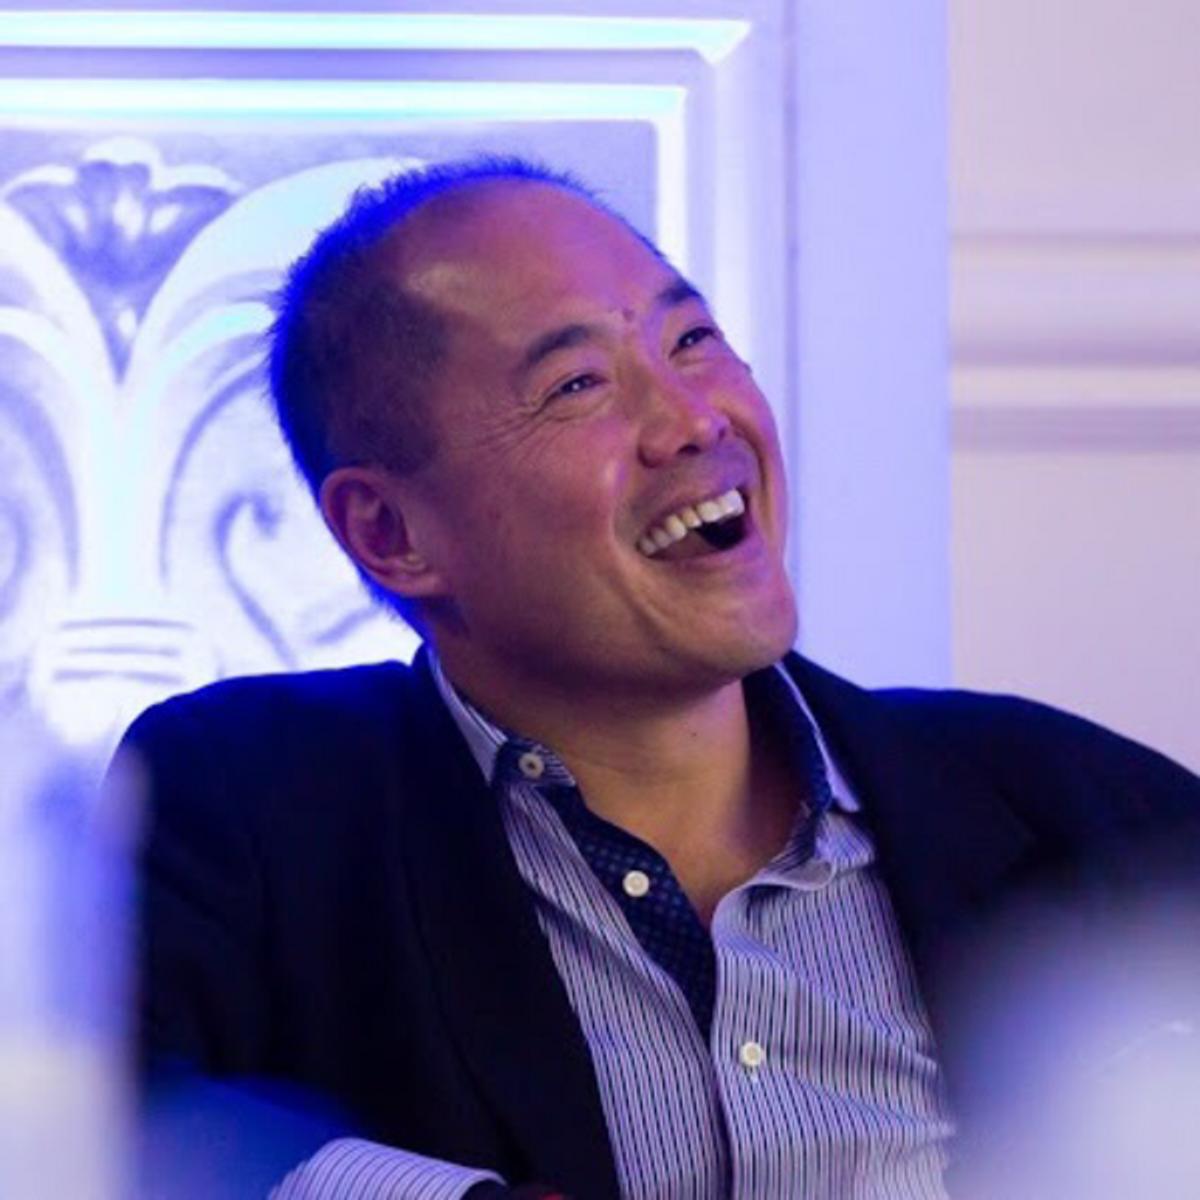 Photo of Bill Tai, Angel at CRV